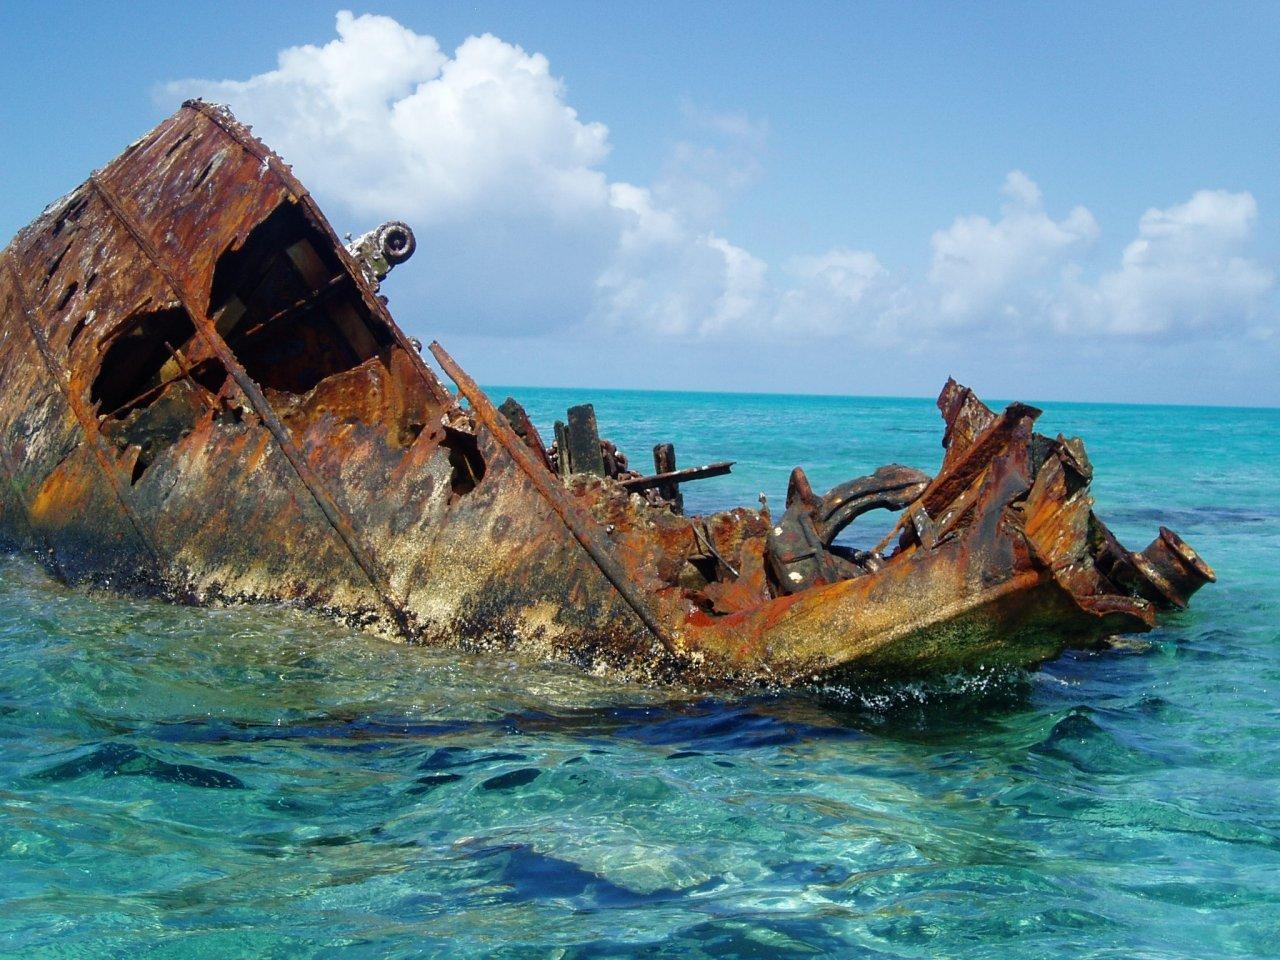 Wraki statków #2 1